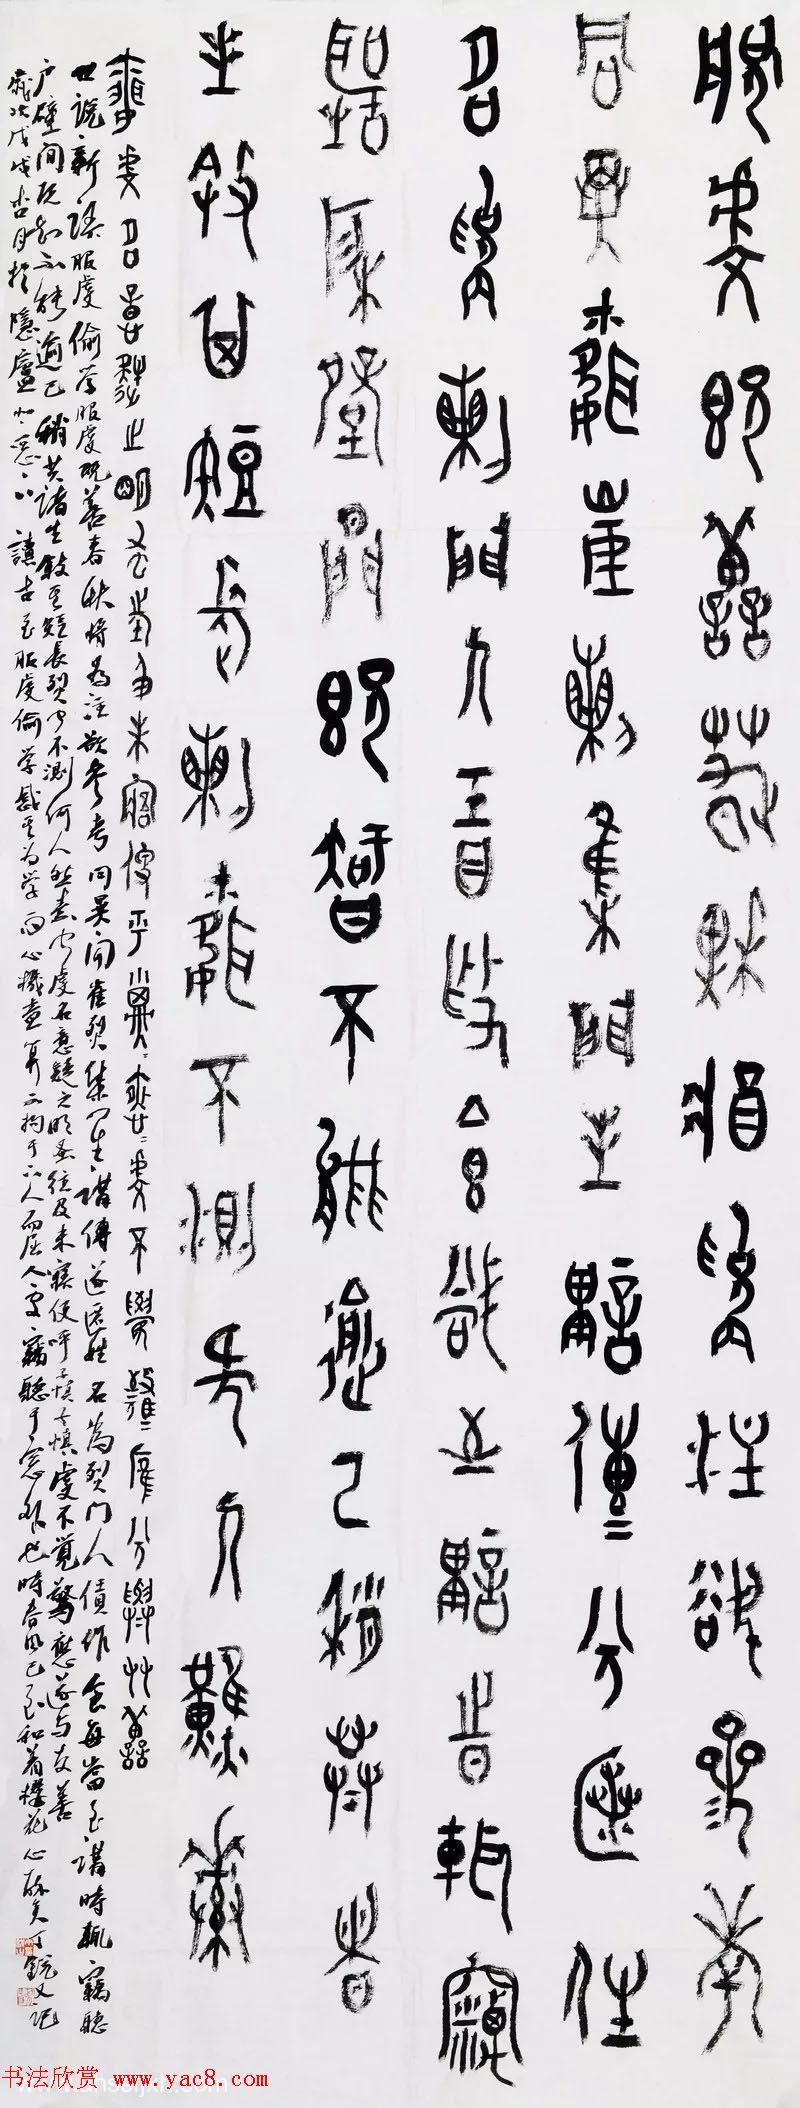 安徽书画40年精品晋京展书法作品110幅